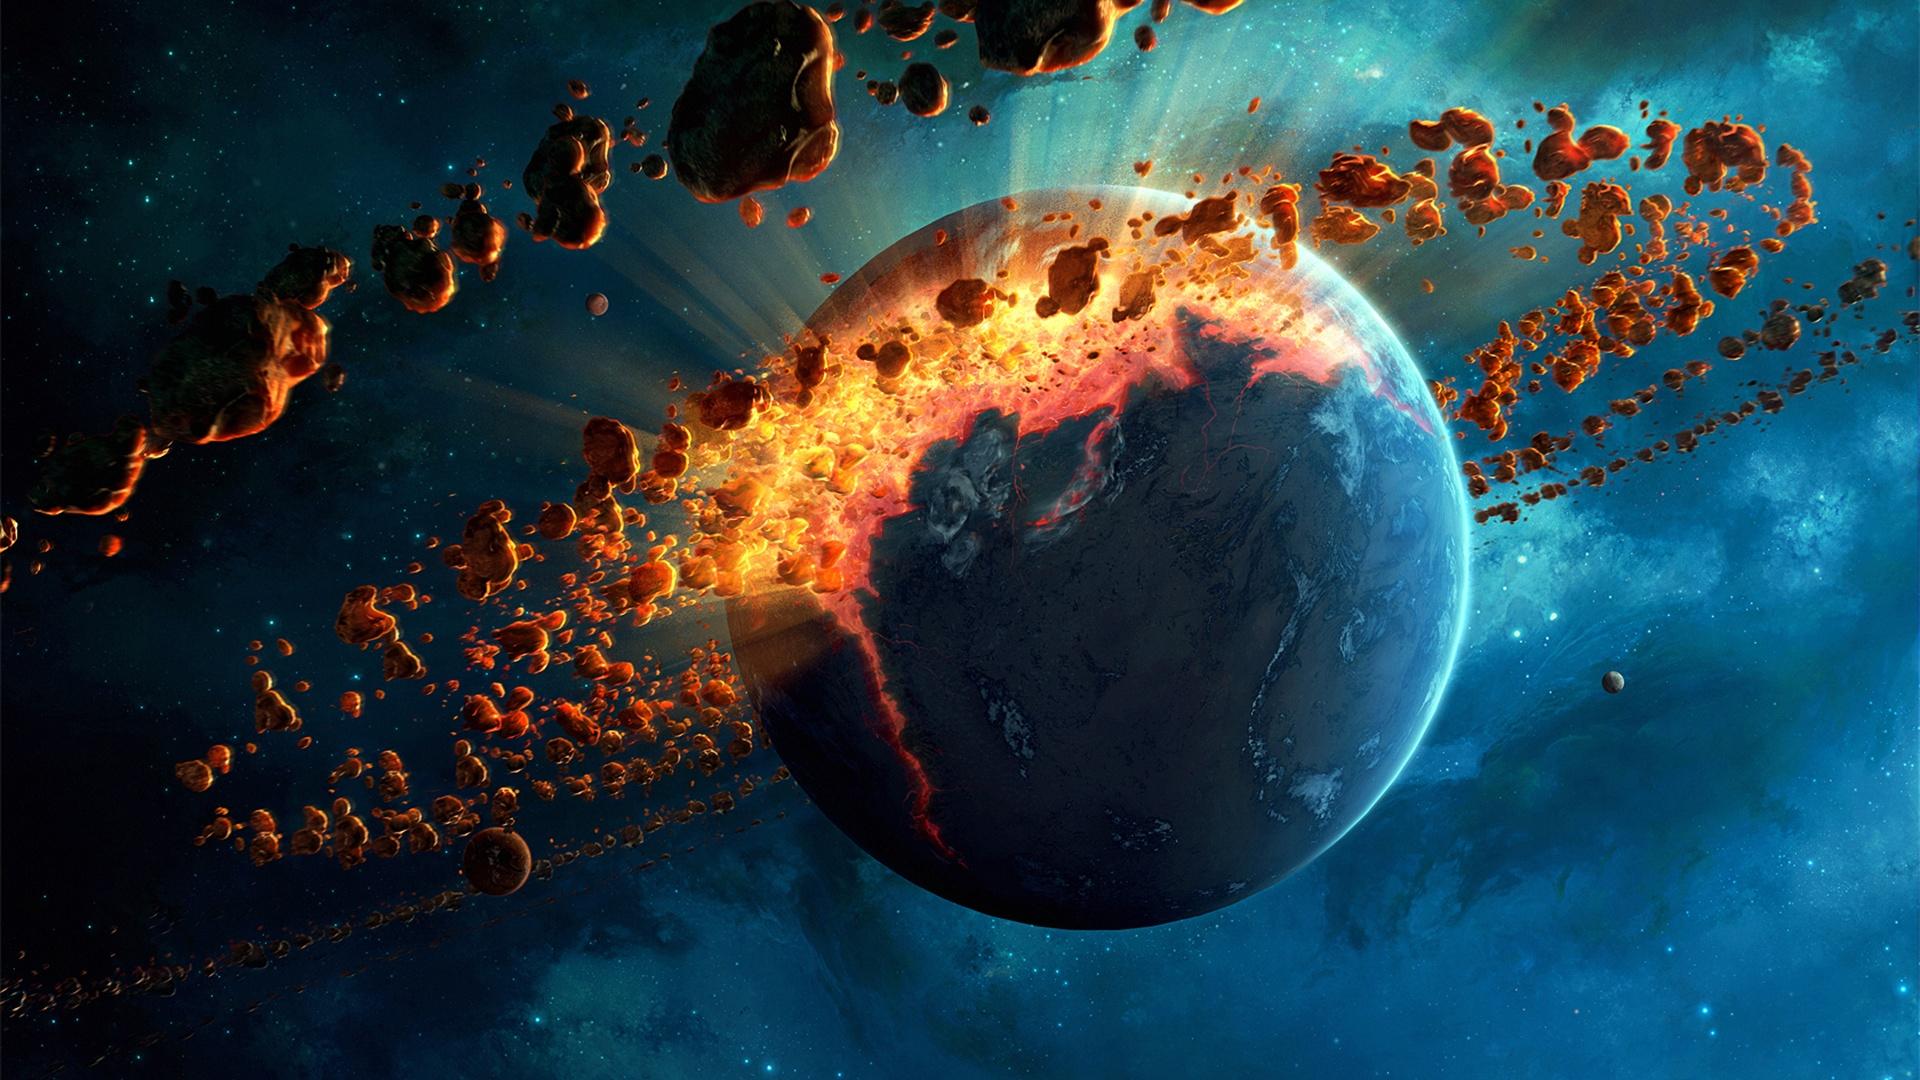 壁纸星球破坏 流星带 太空1920x1200 Hd 高清壁纸 图片 照片